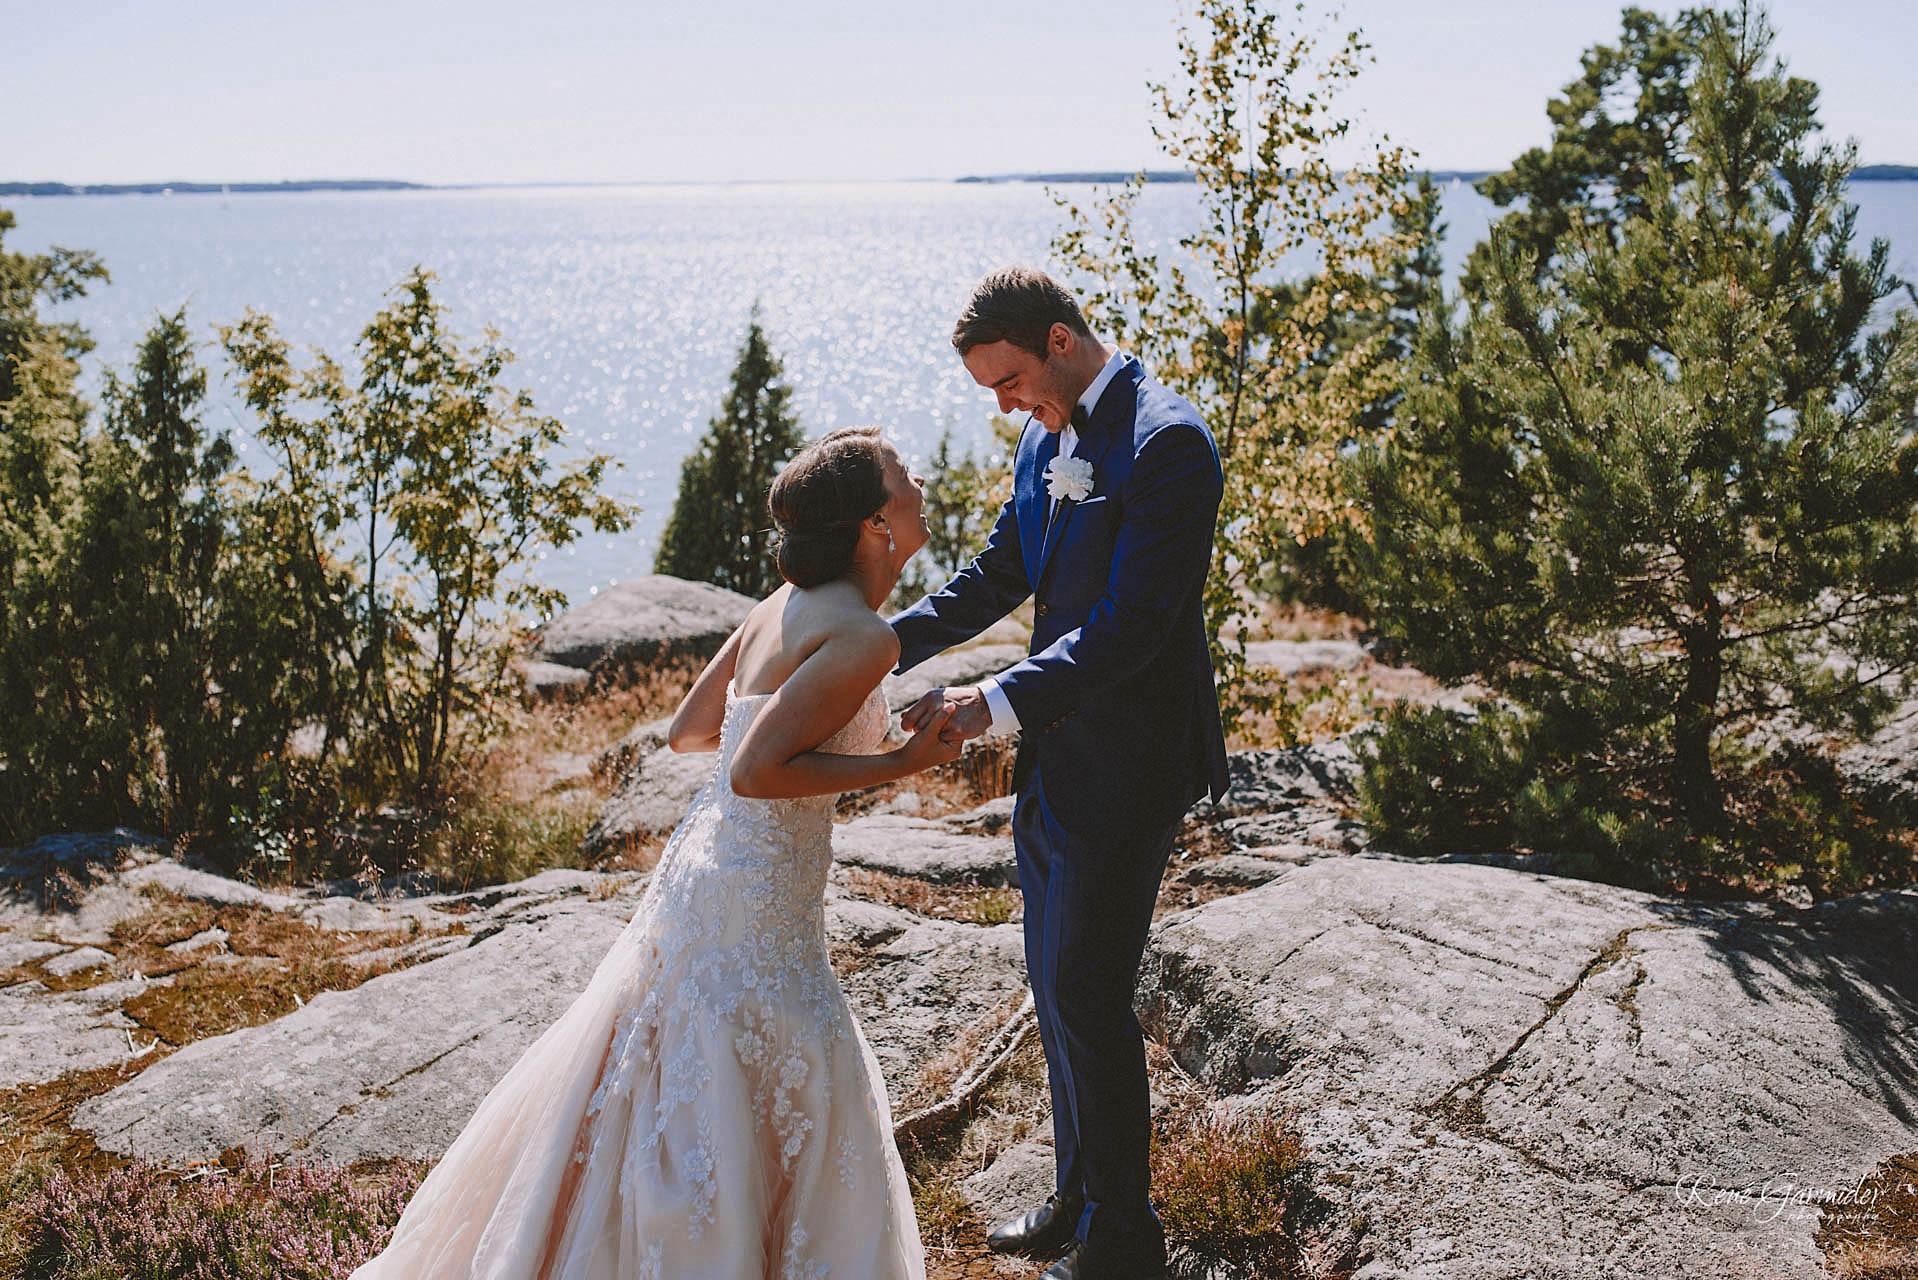 destination-wedding-photography-finland-miljookuvaus-haakuvaus-haakuvaaja-leena-juri-22